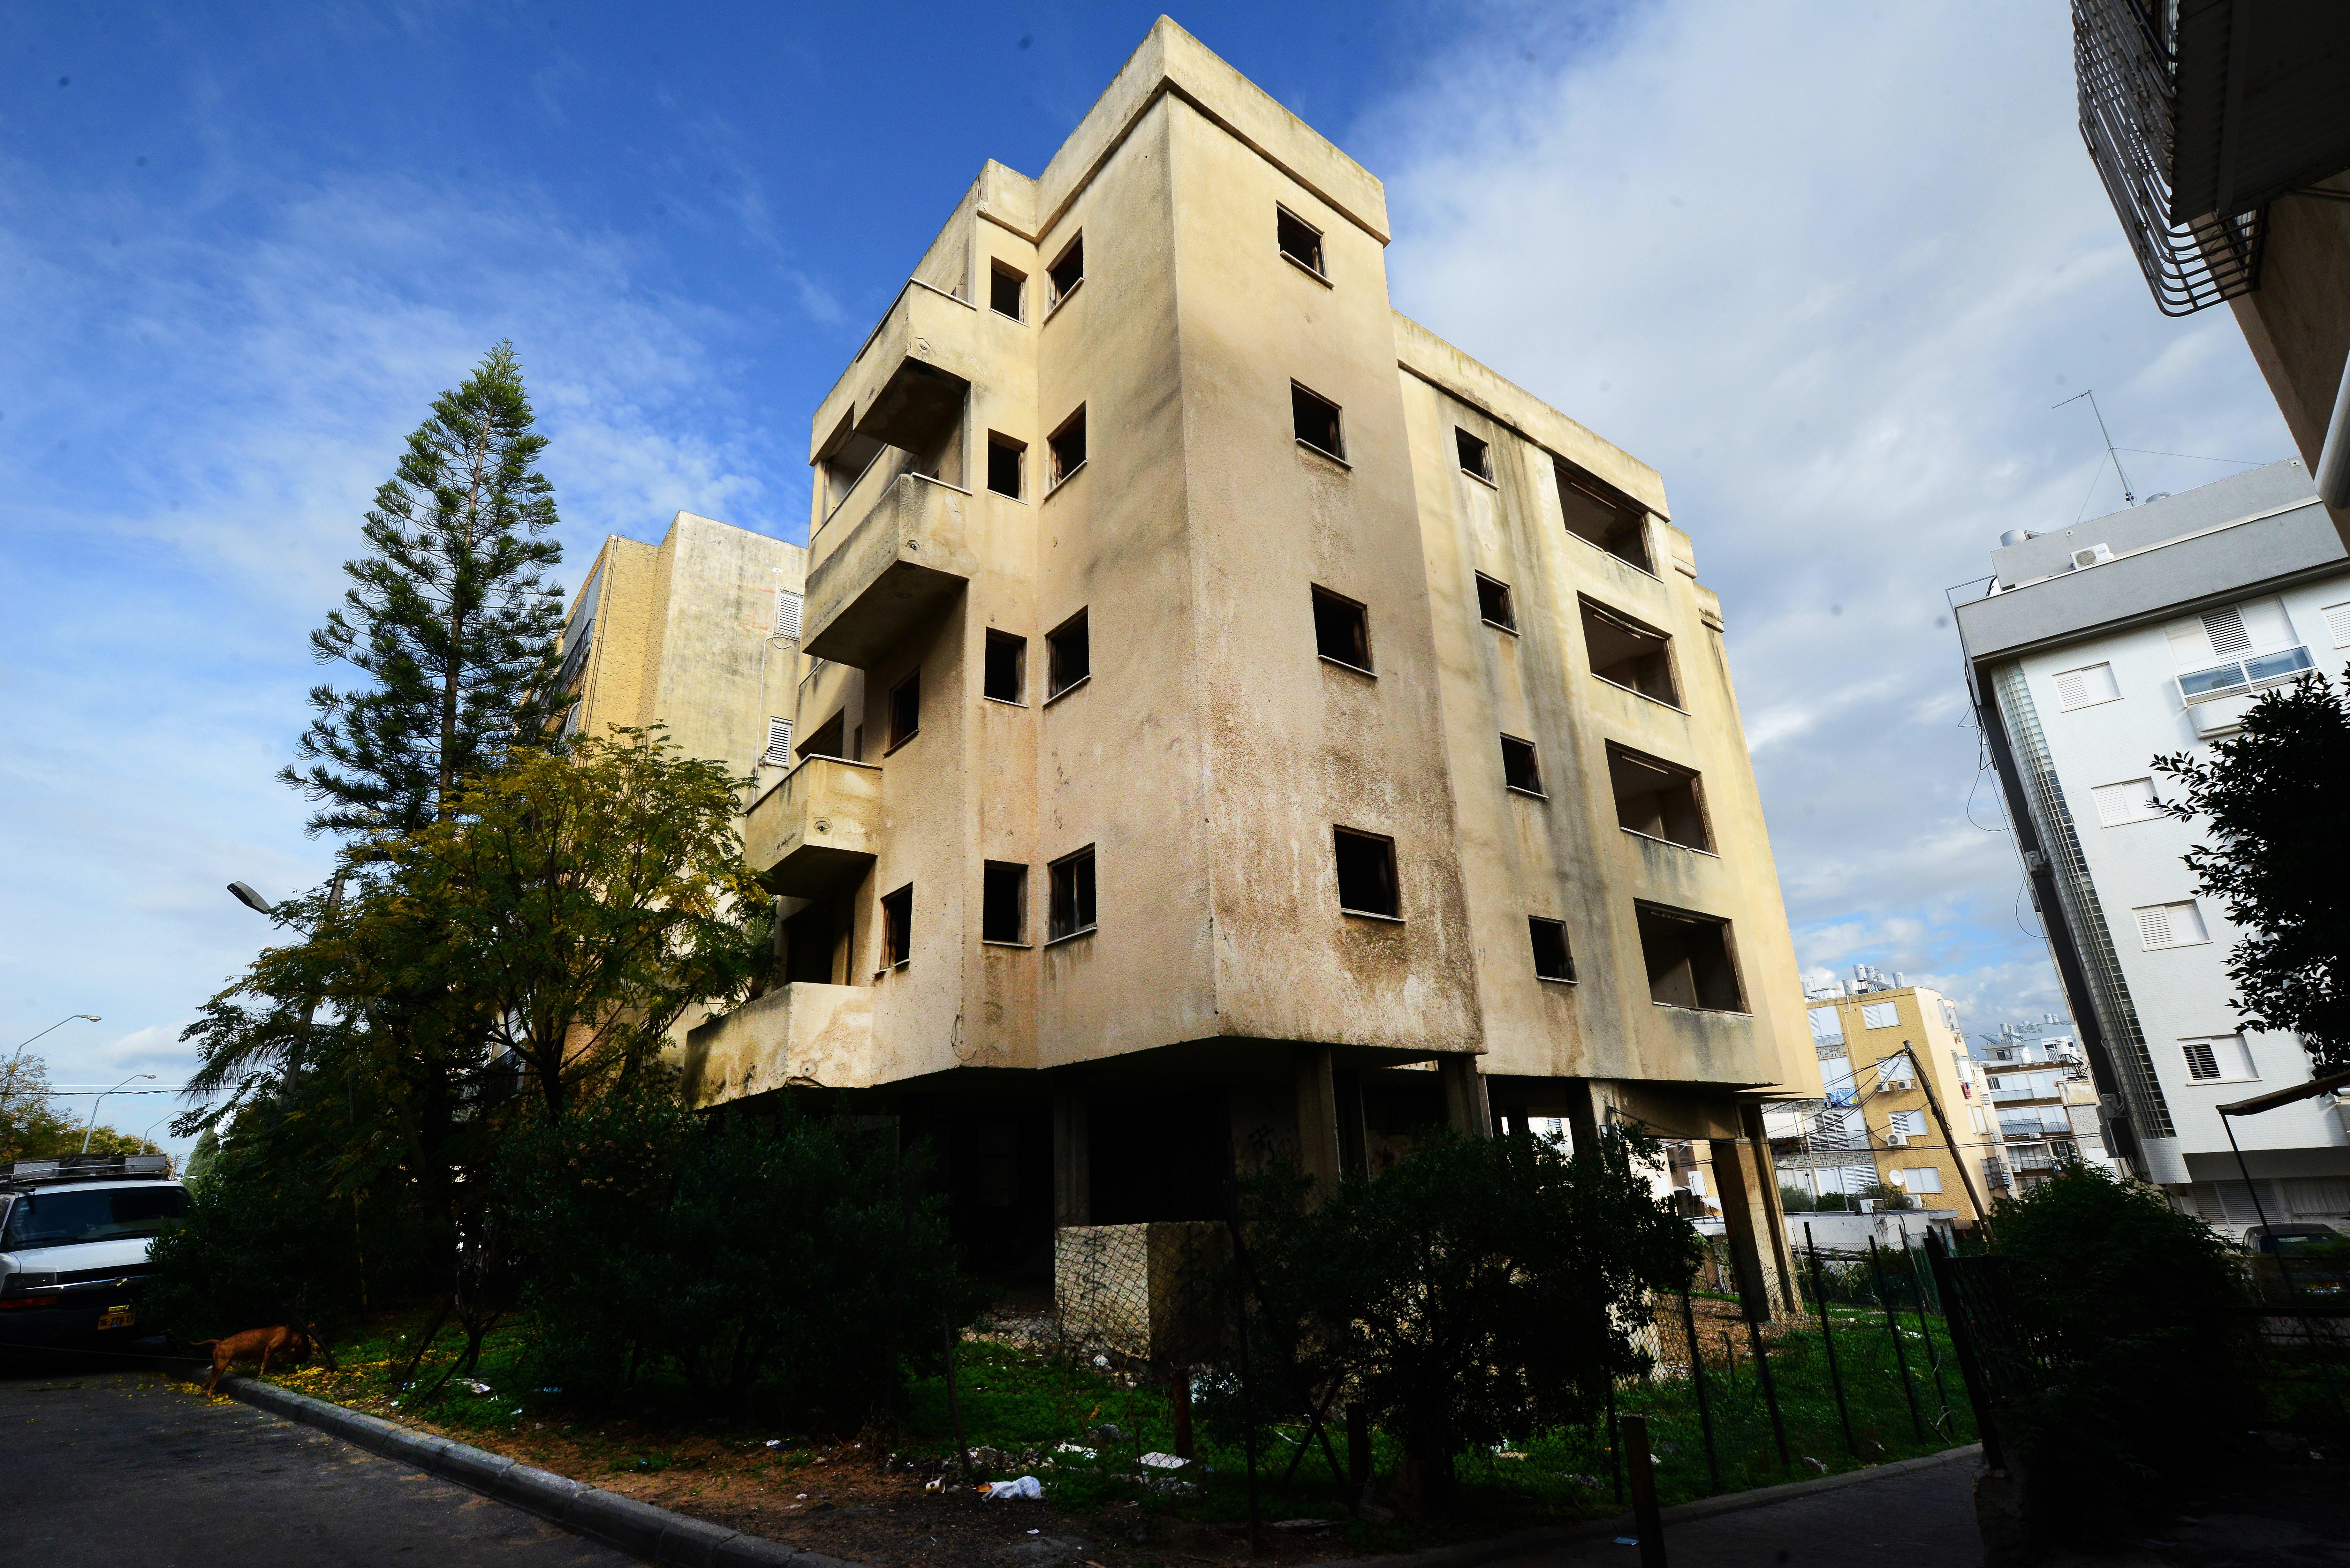 בניין נטוש בחולון.   הכוח להחליט על פטור מארנונה מצוי בידי העירייה / צילום: איל יצהר